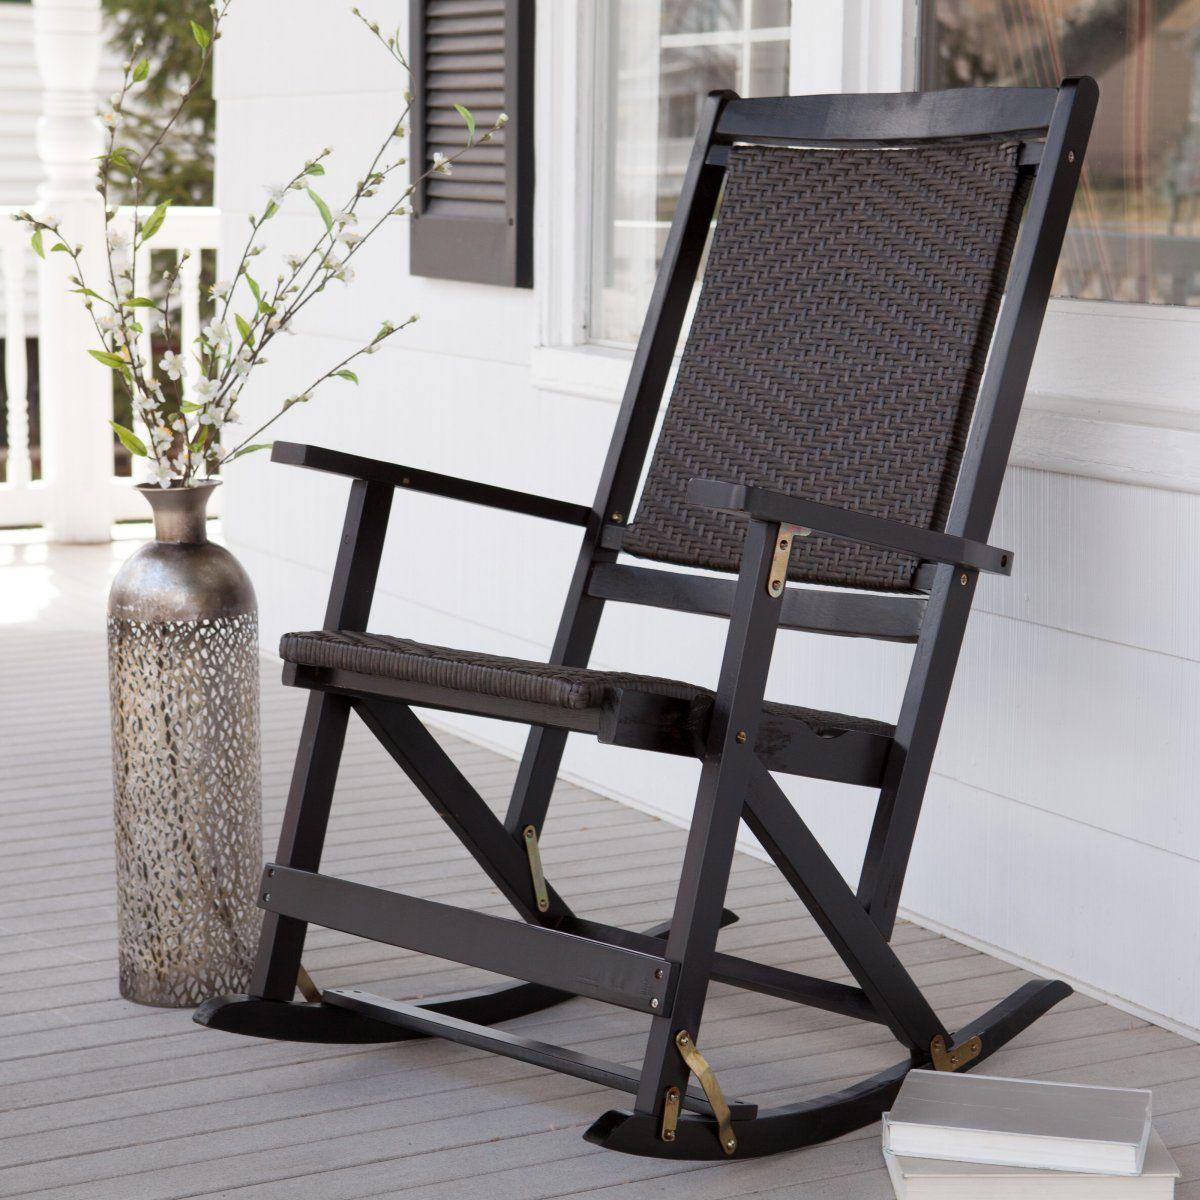 Outdoor Metall Schaukelstuhl Outdoor Metall Schaukelstuhl Gewinnen Sie Eine Einladende Atmosphare Mit Frische Mit Bildern Metall Schaukelstuhl Schaukelstuhl Aussenmobel